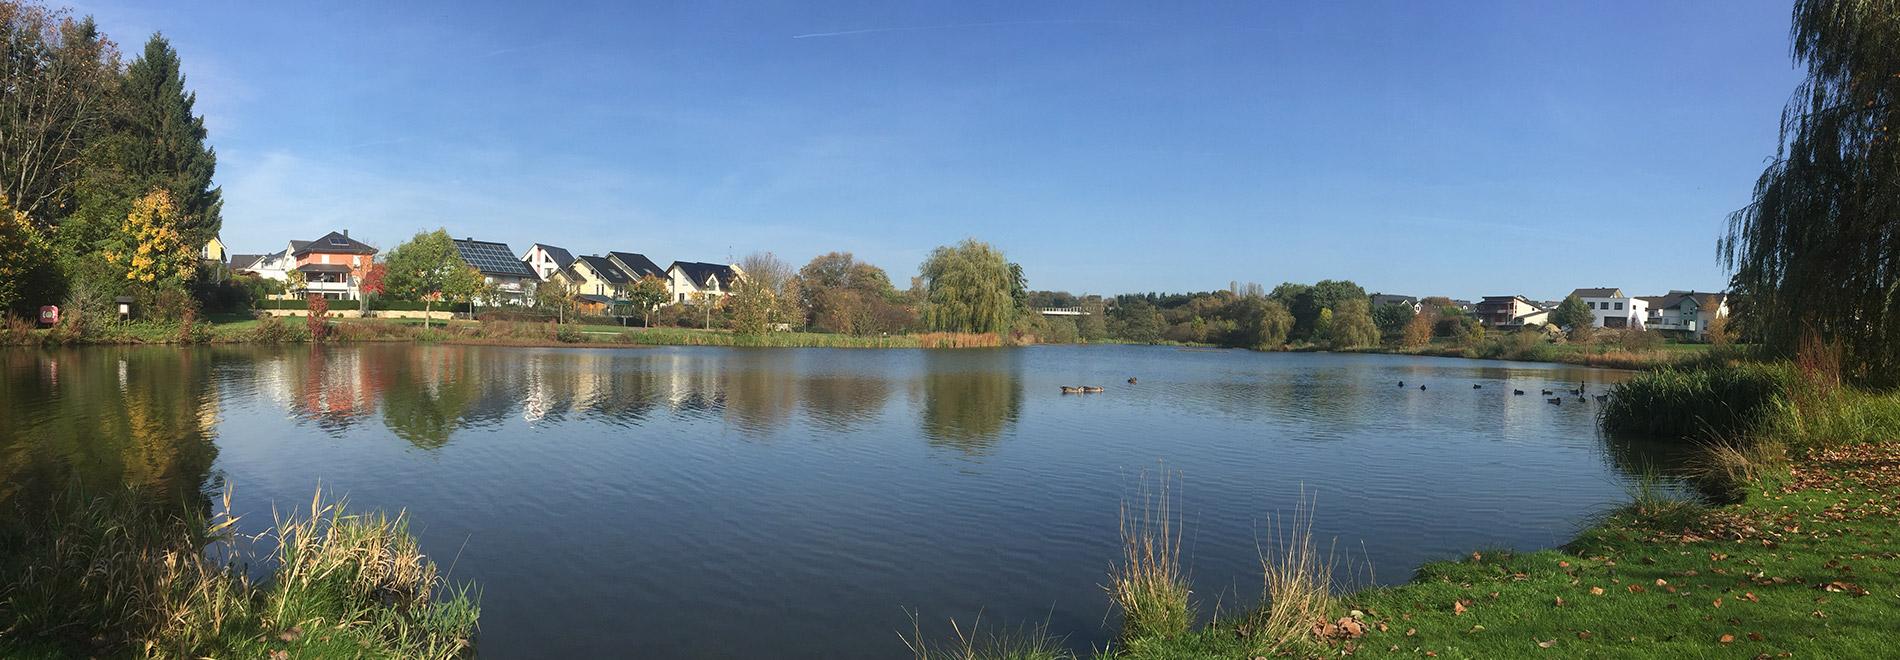 Kastellaun, Erschließung Wohngebiet  inkl. Erschaffung einer Seeanlage